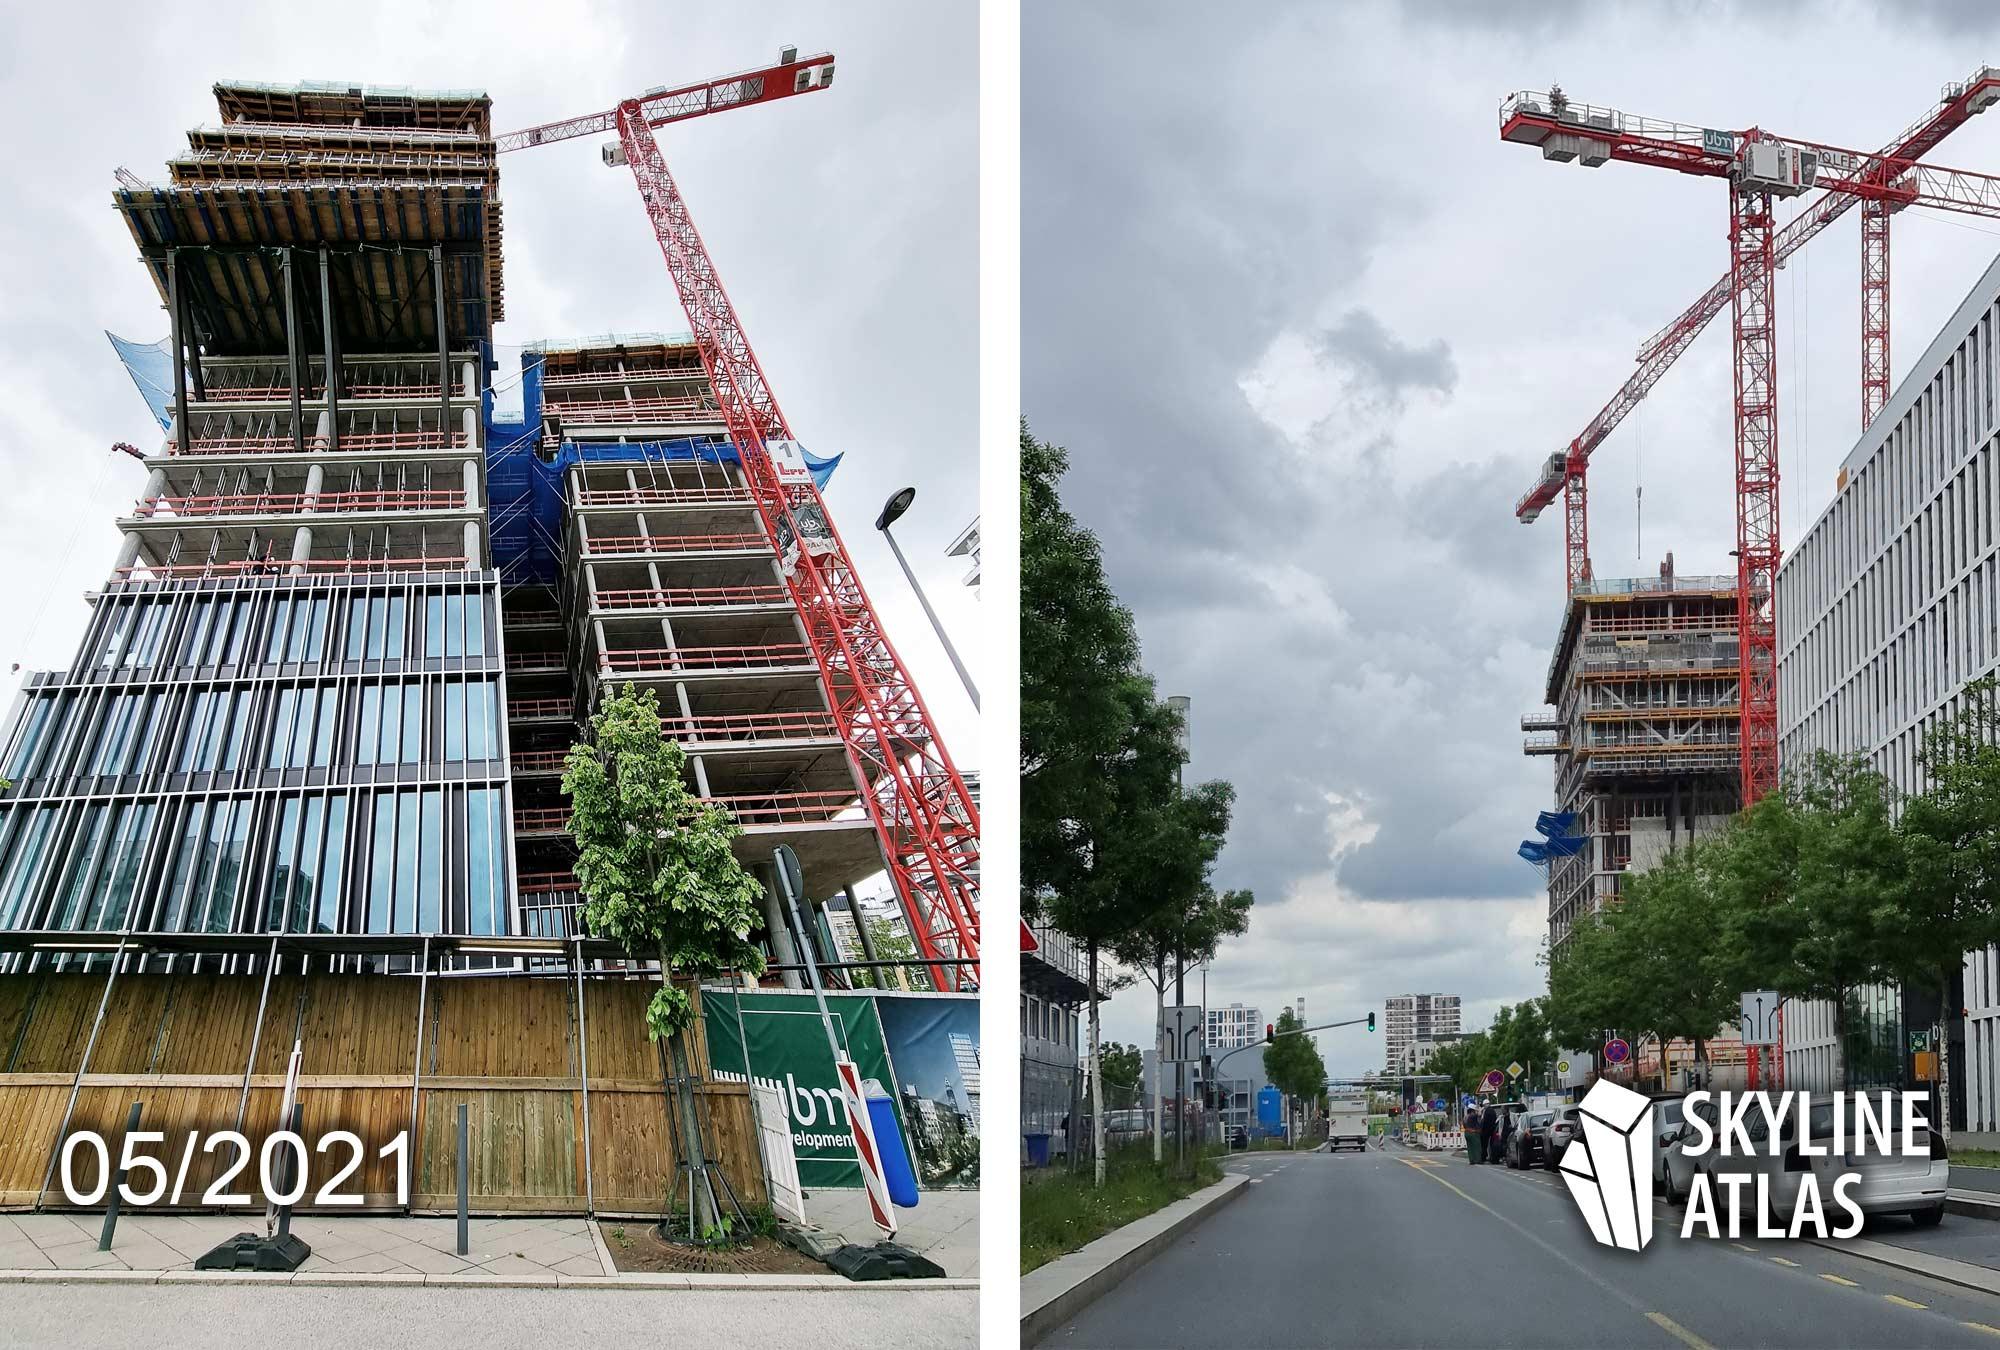 Frankfurter Allgemeine Zeitung Neubau - FAZ Neubau Mai 2021 - FAZ Hochhaus Europaviertel FFM - Baustelle 2021